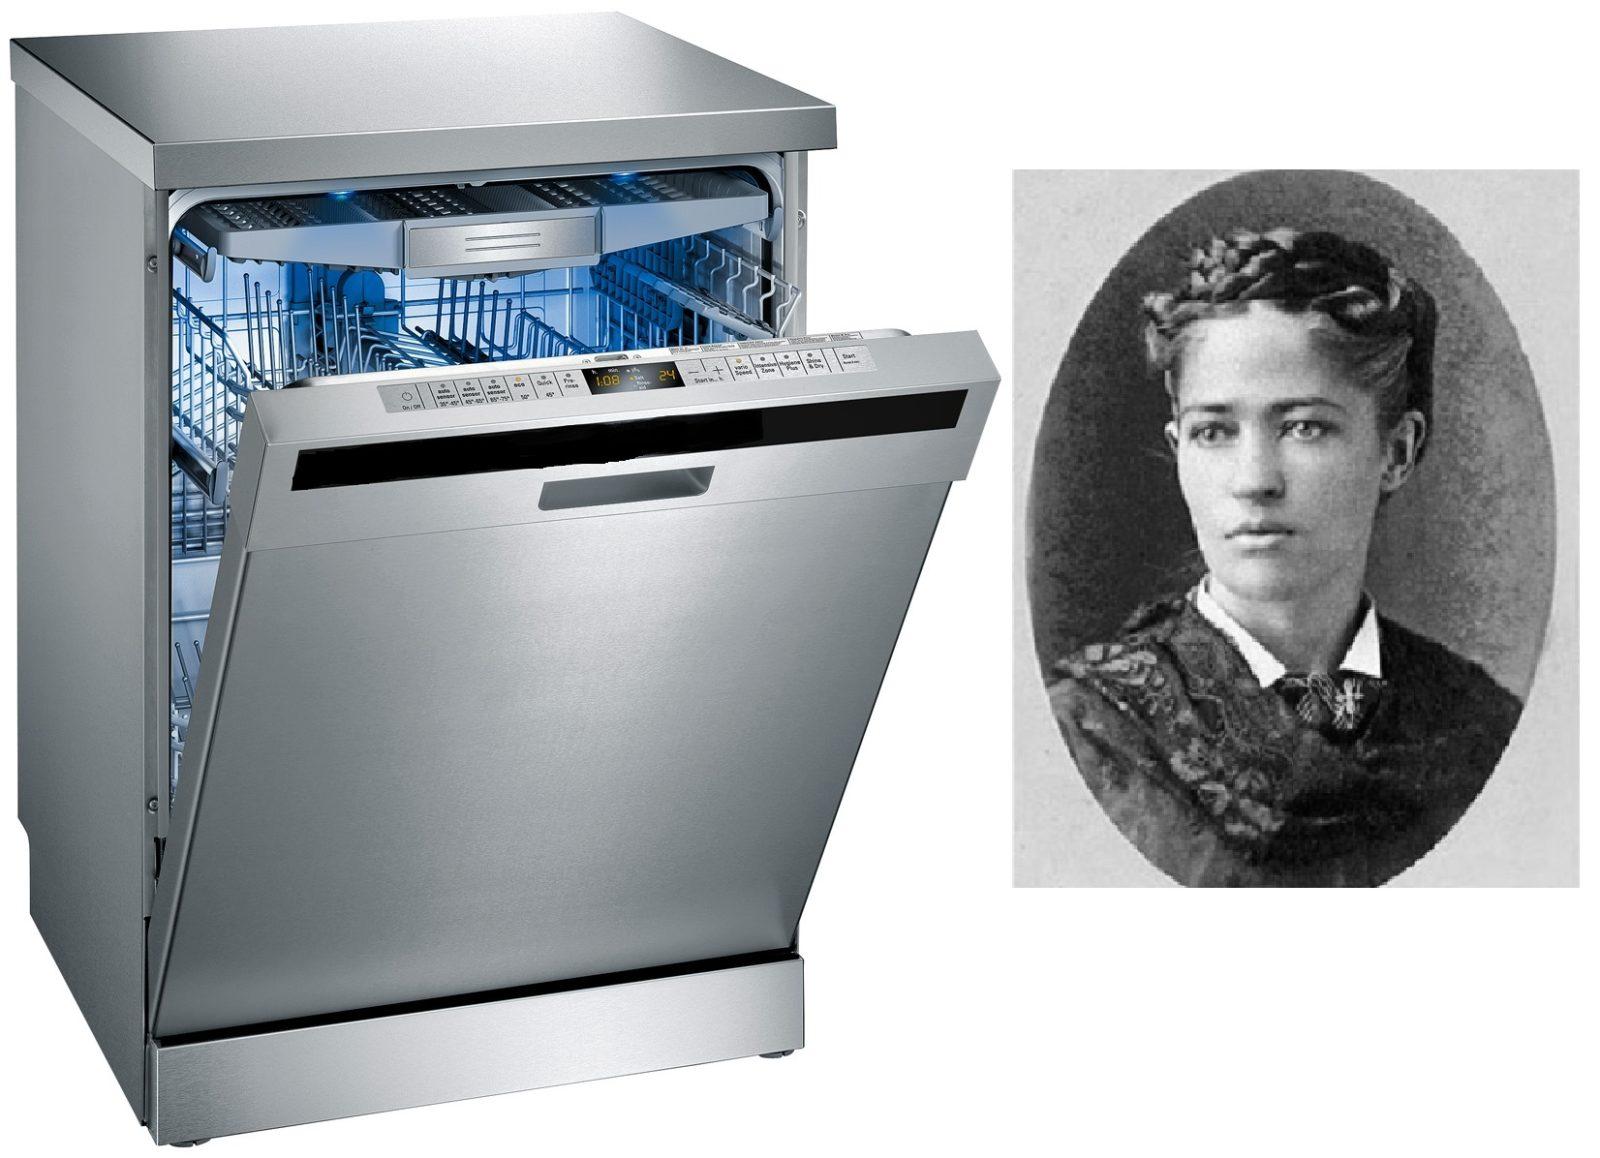 Кто придумал посудомоечную машину?